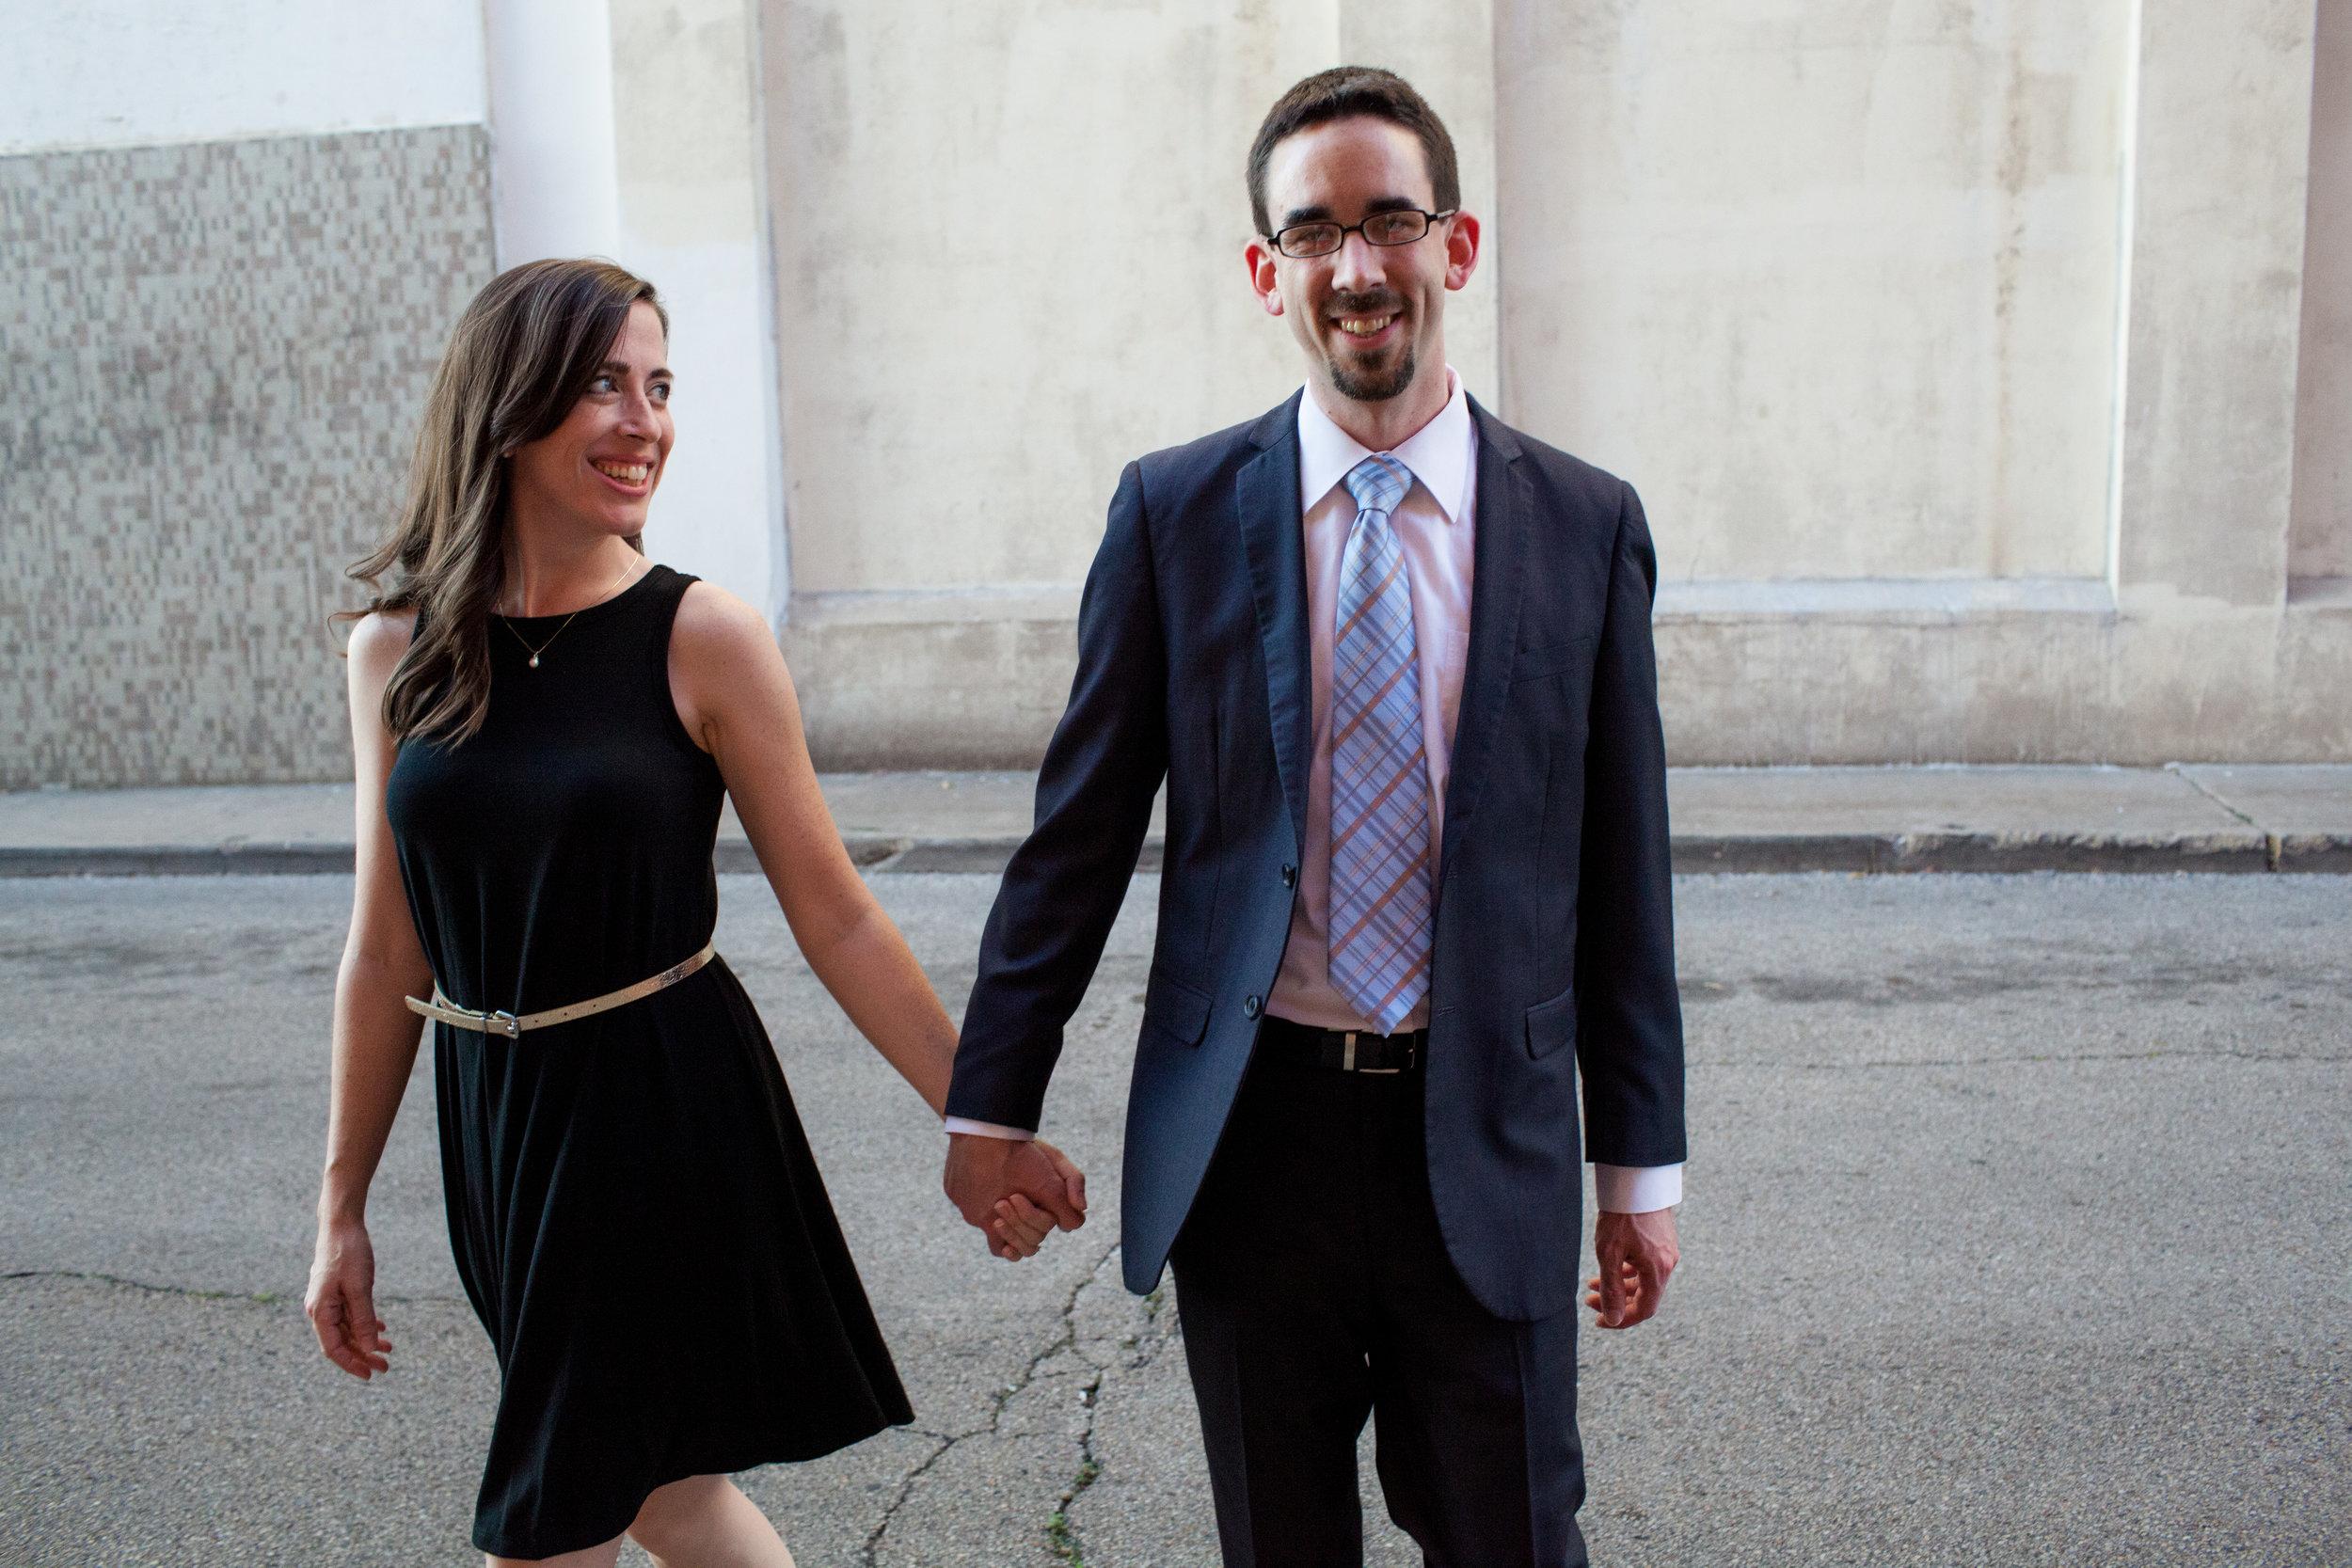 Waco Wedding Photographers, Jason & Melaina Photography